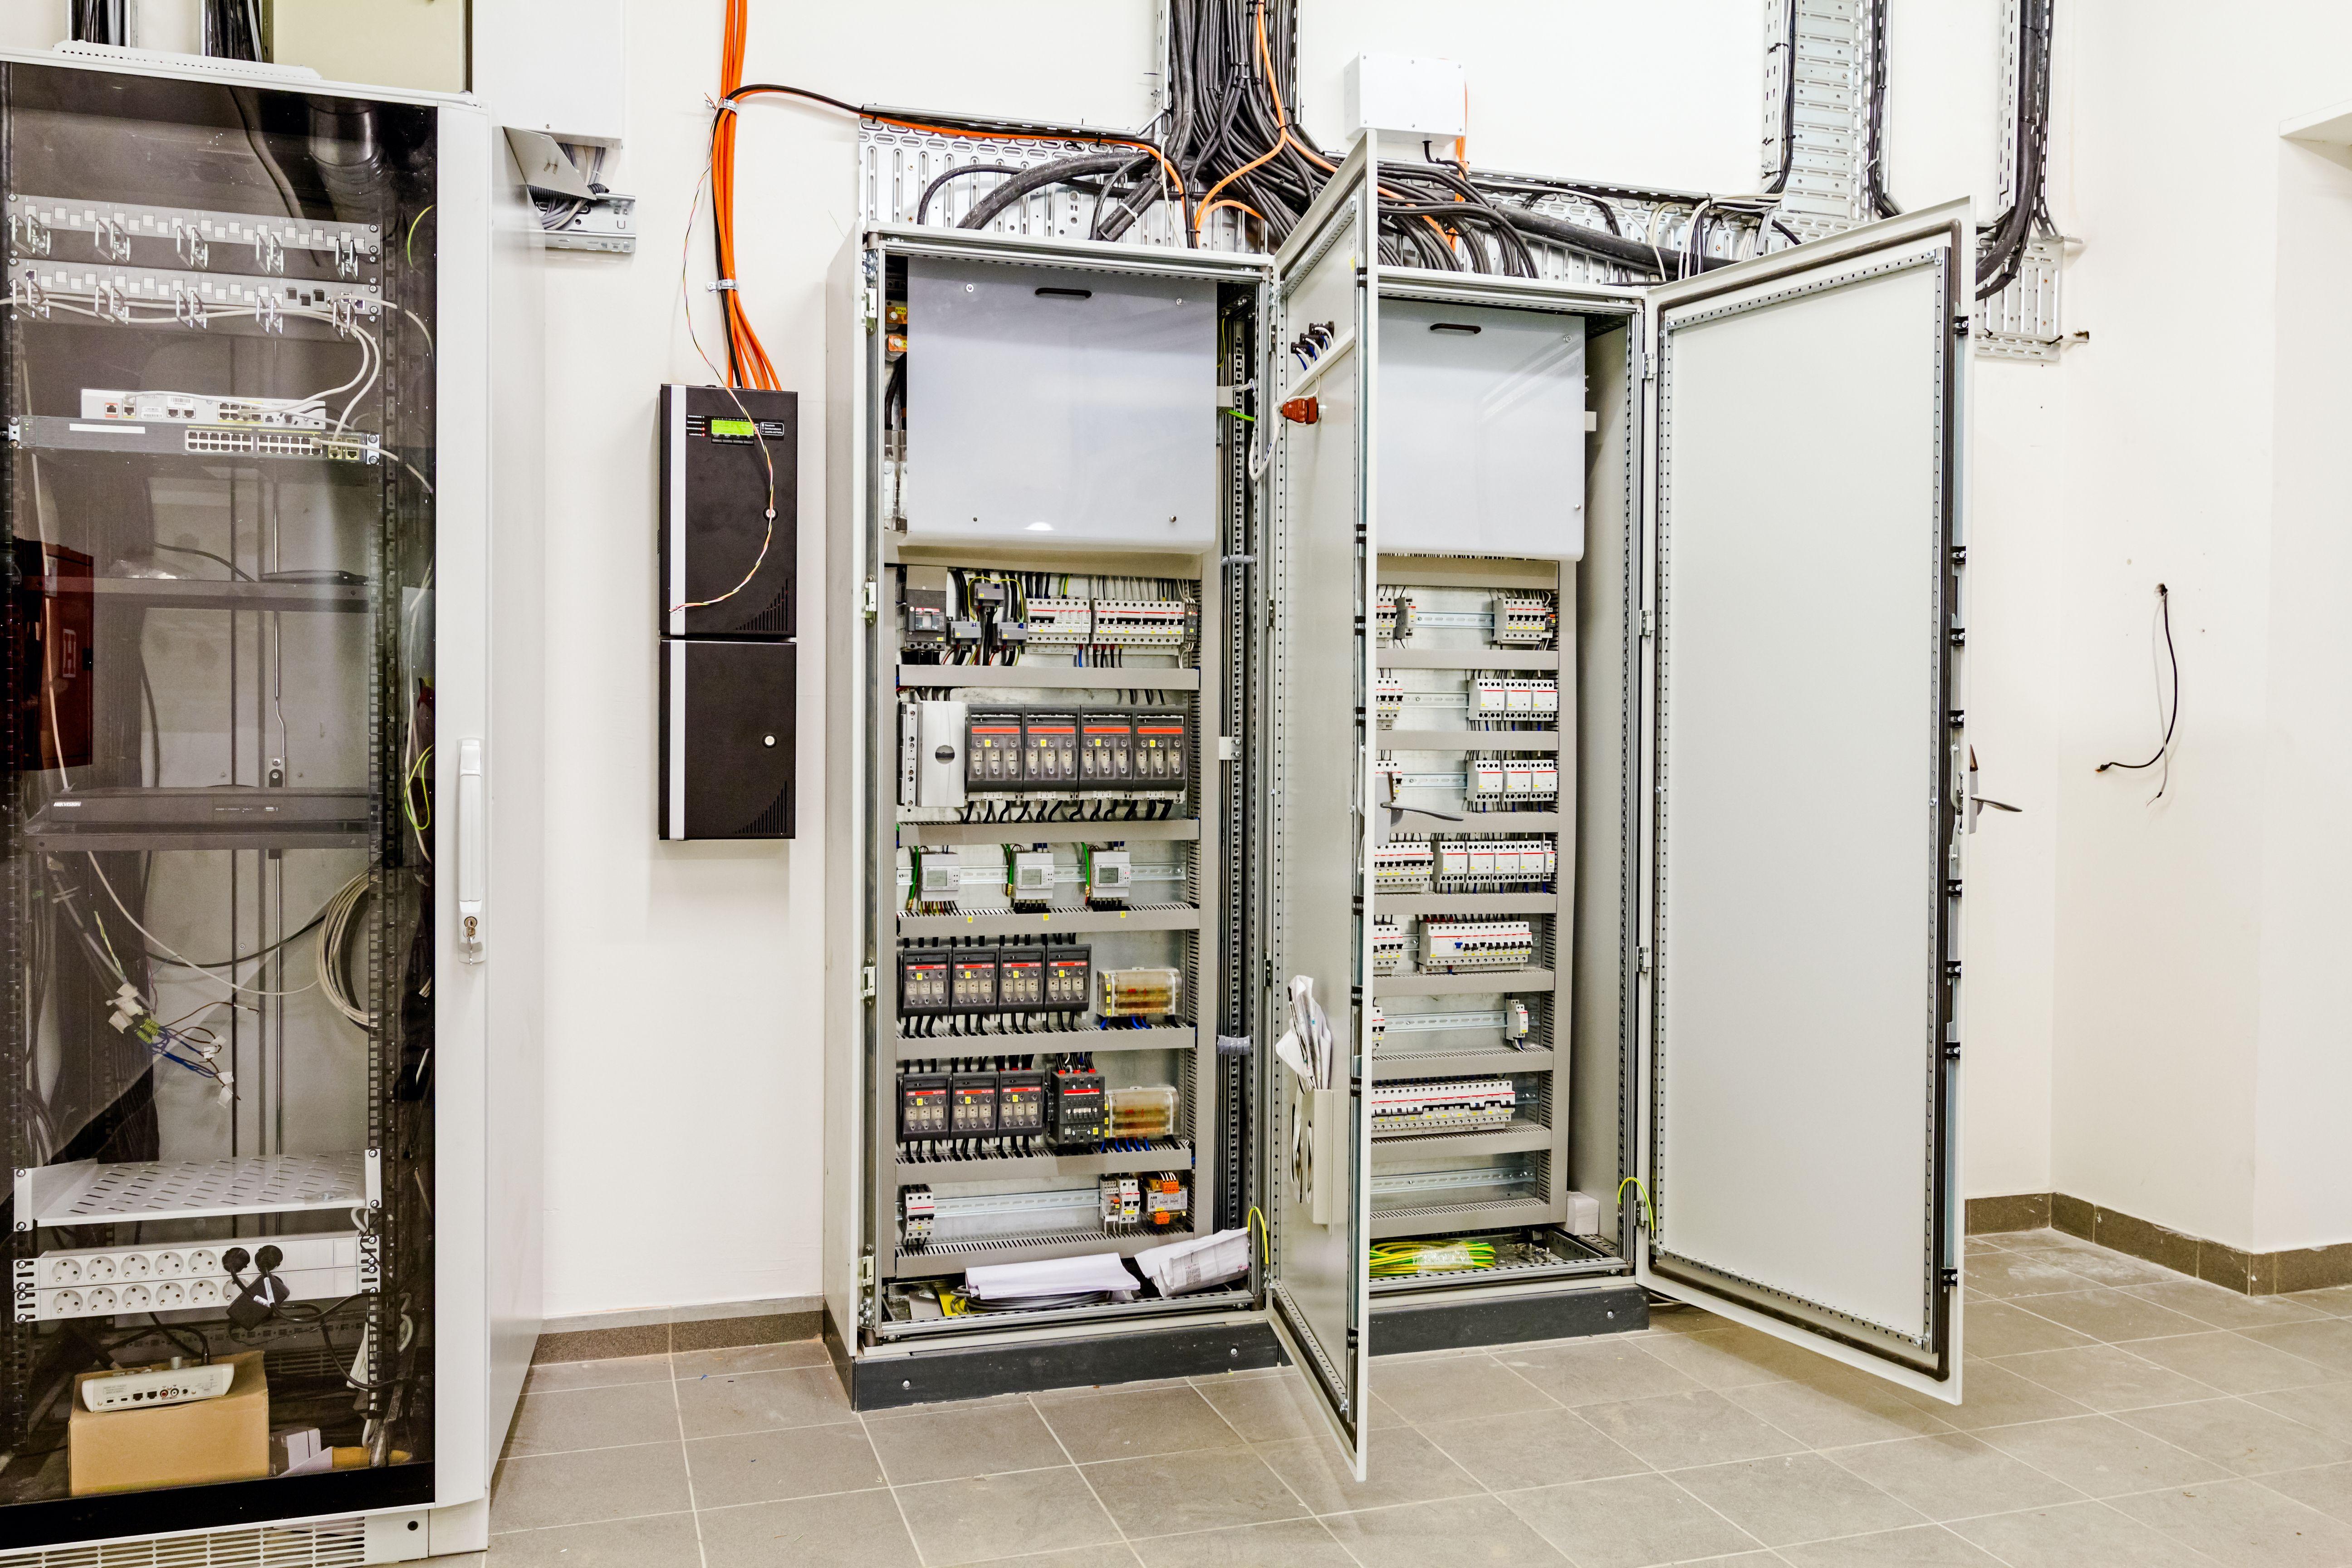 Infraestructura común de telecomunicaciones: Servicios de Tecma XXI